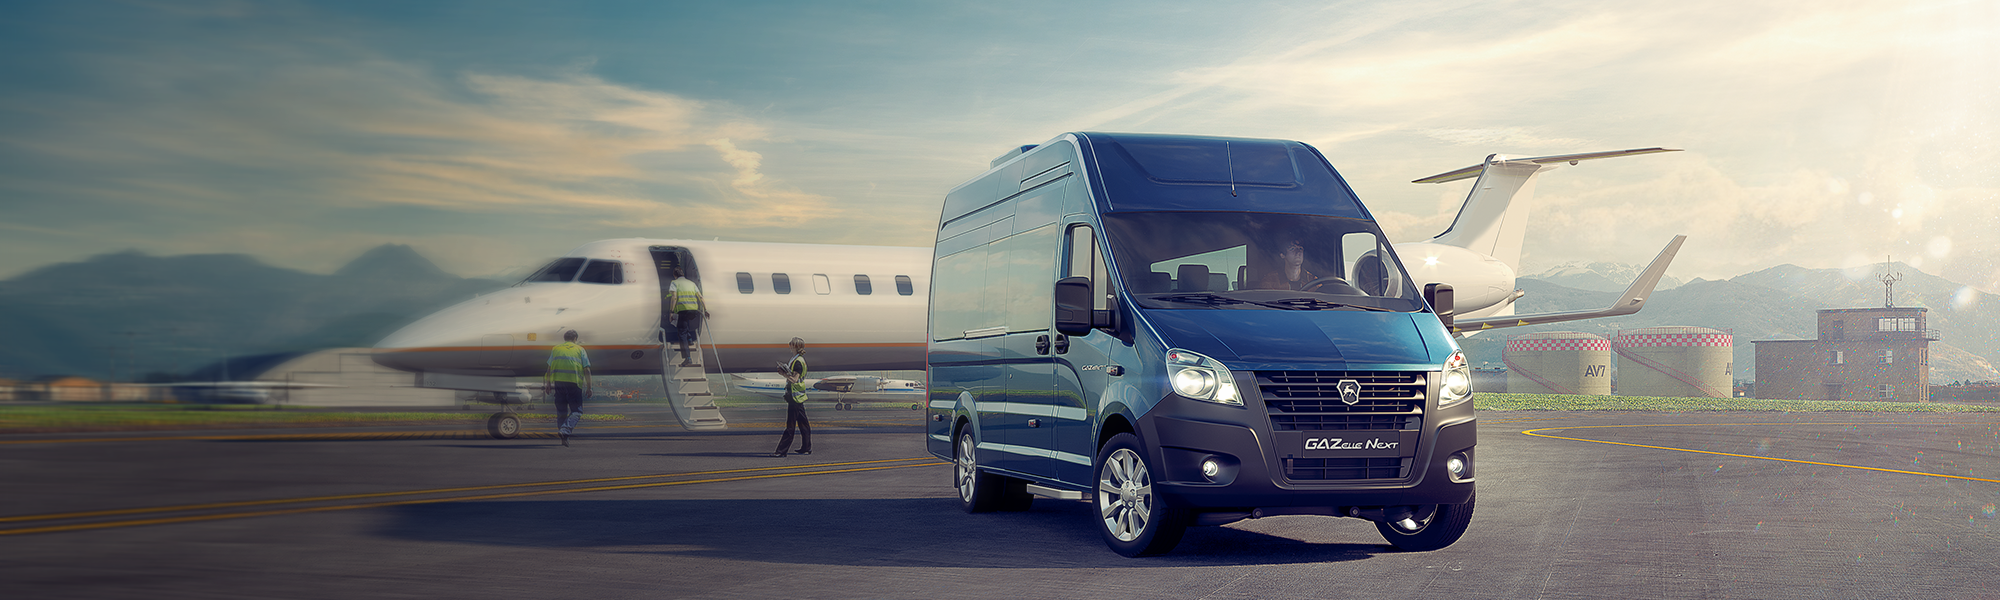 Спецпредложение Выгода до 273000 Р. Специальная цена при покупке ГАЗель NEXT автобус. Десктопное изображение